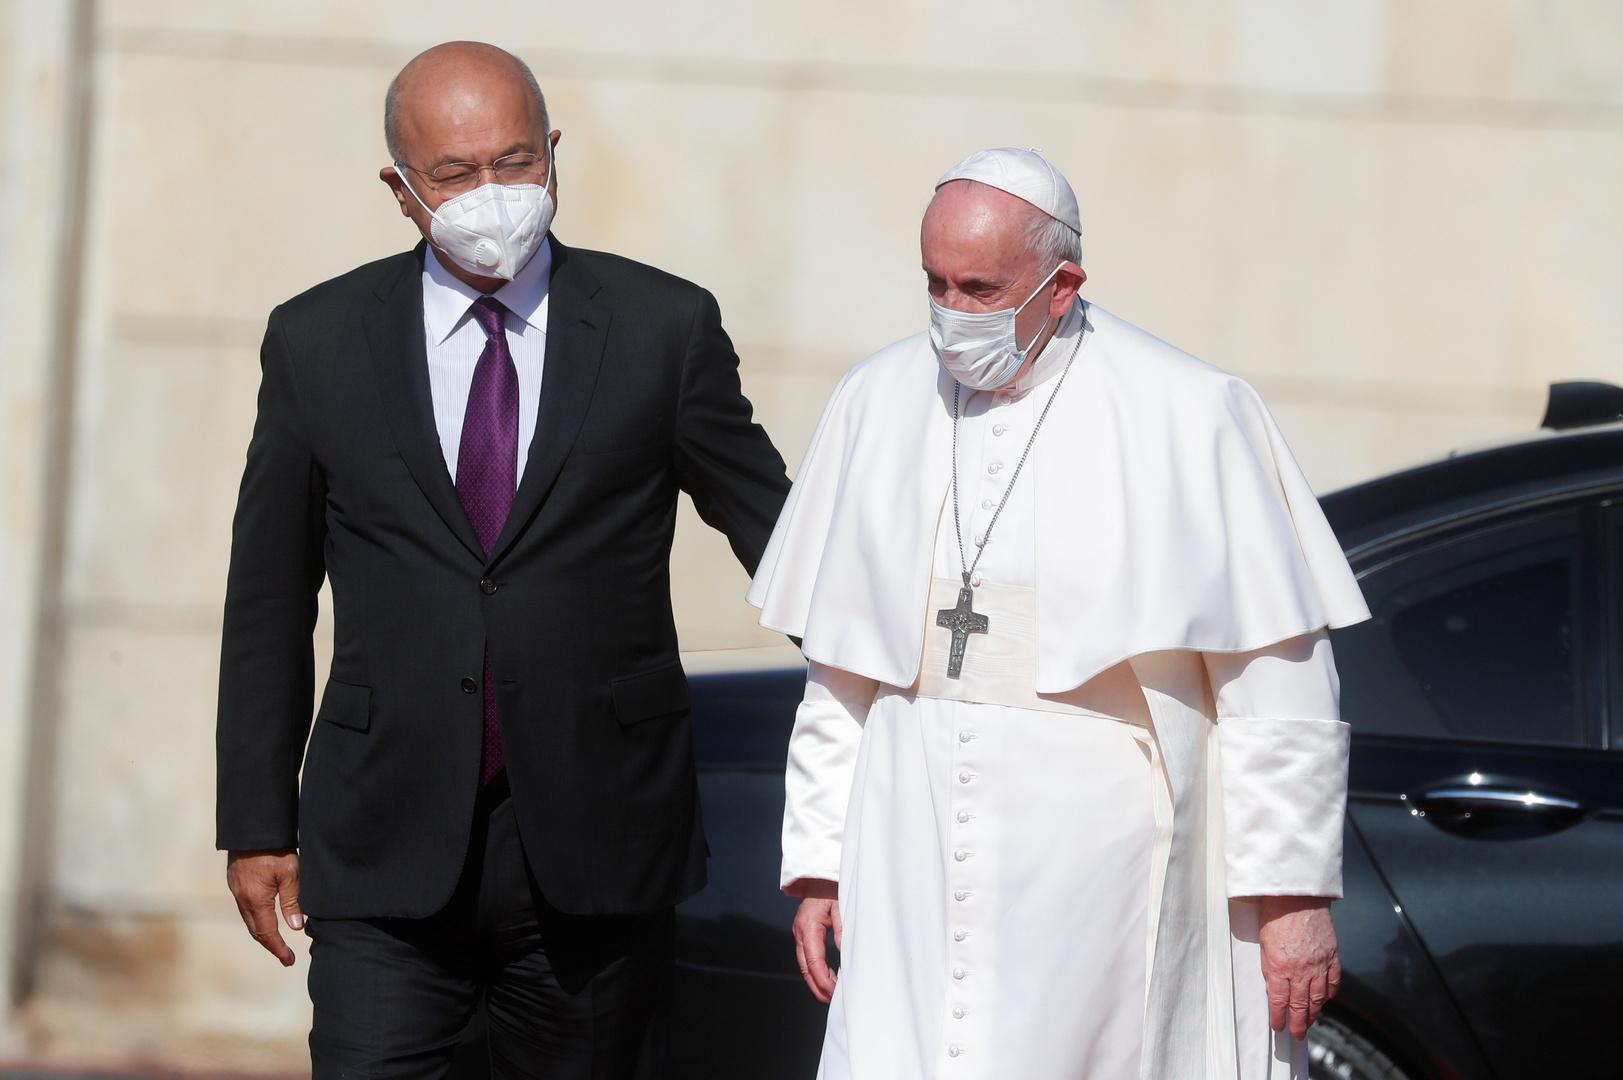 الرئيس العراقي برهم صالح يستقبل البابا فرنسيس في القصر الرئاسي خلال جولته التاريخية في بغداد